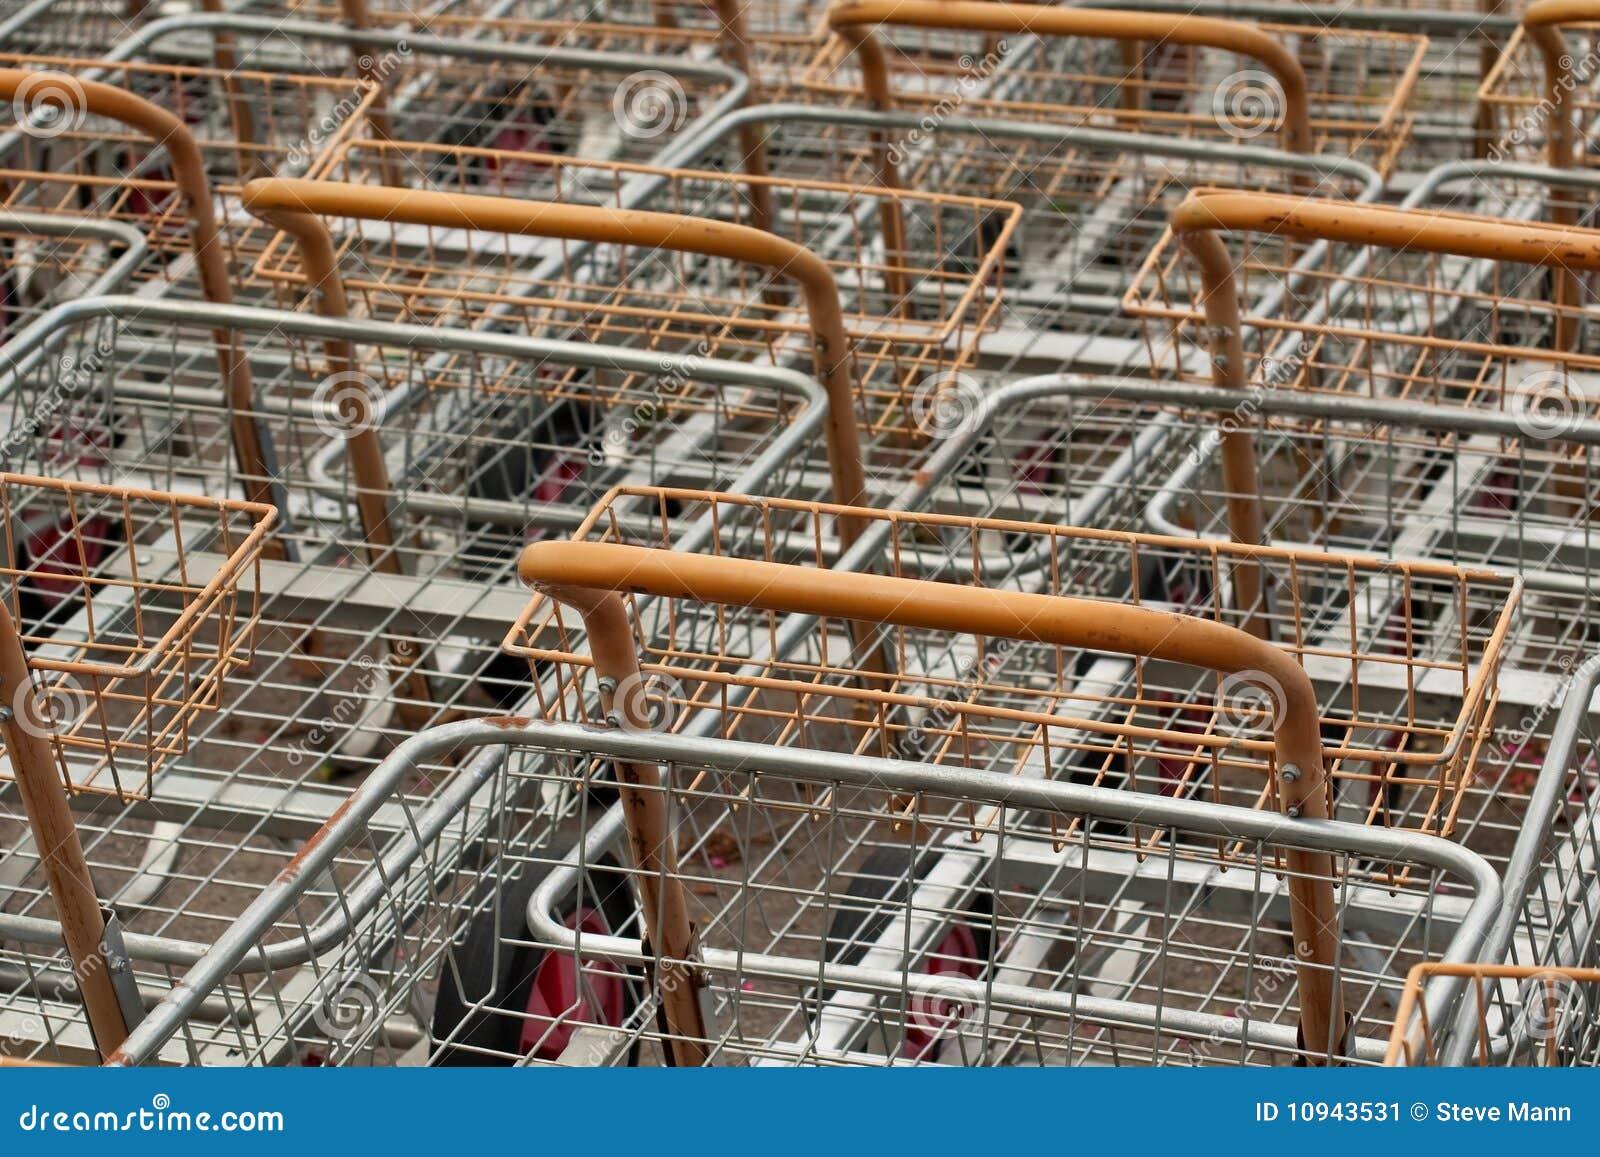 ходить по магазинам тележек